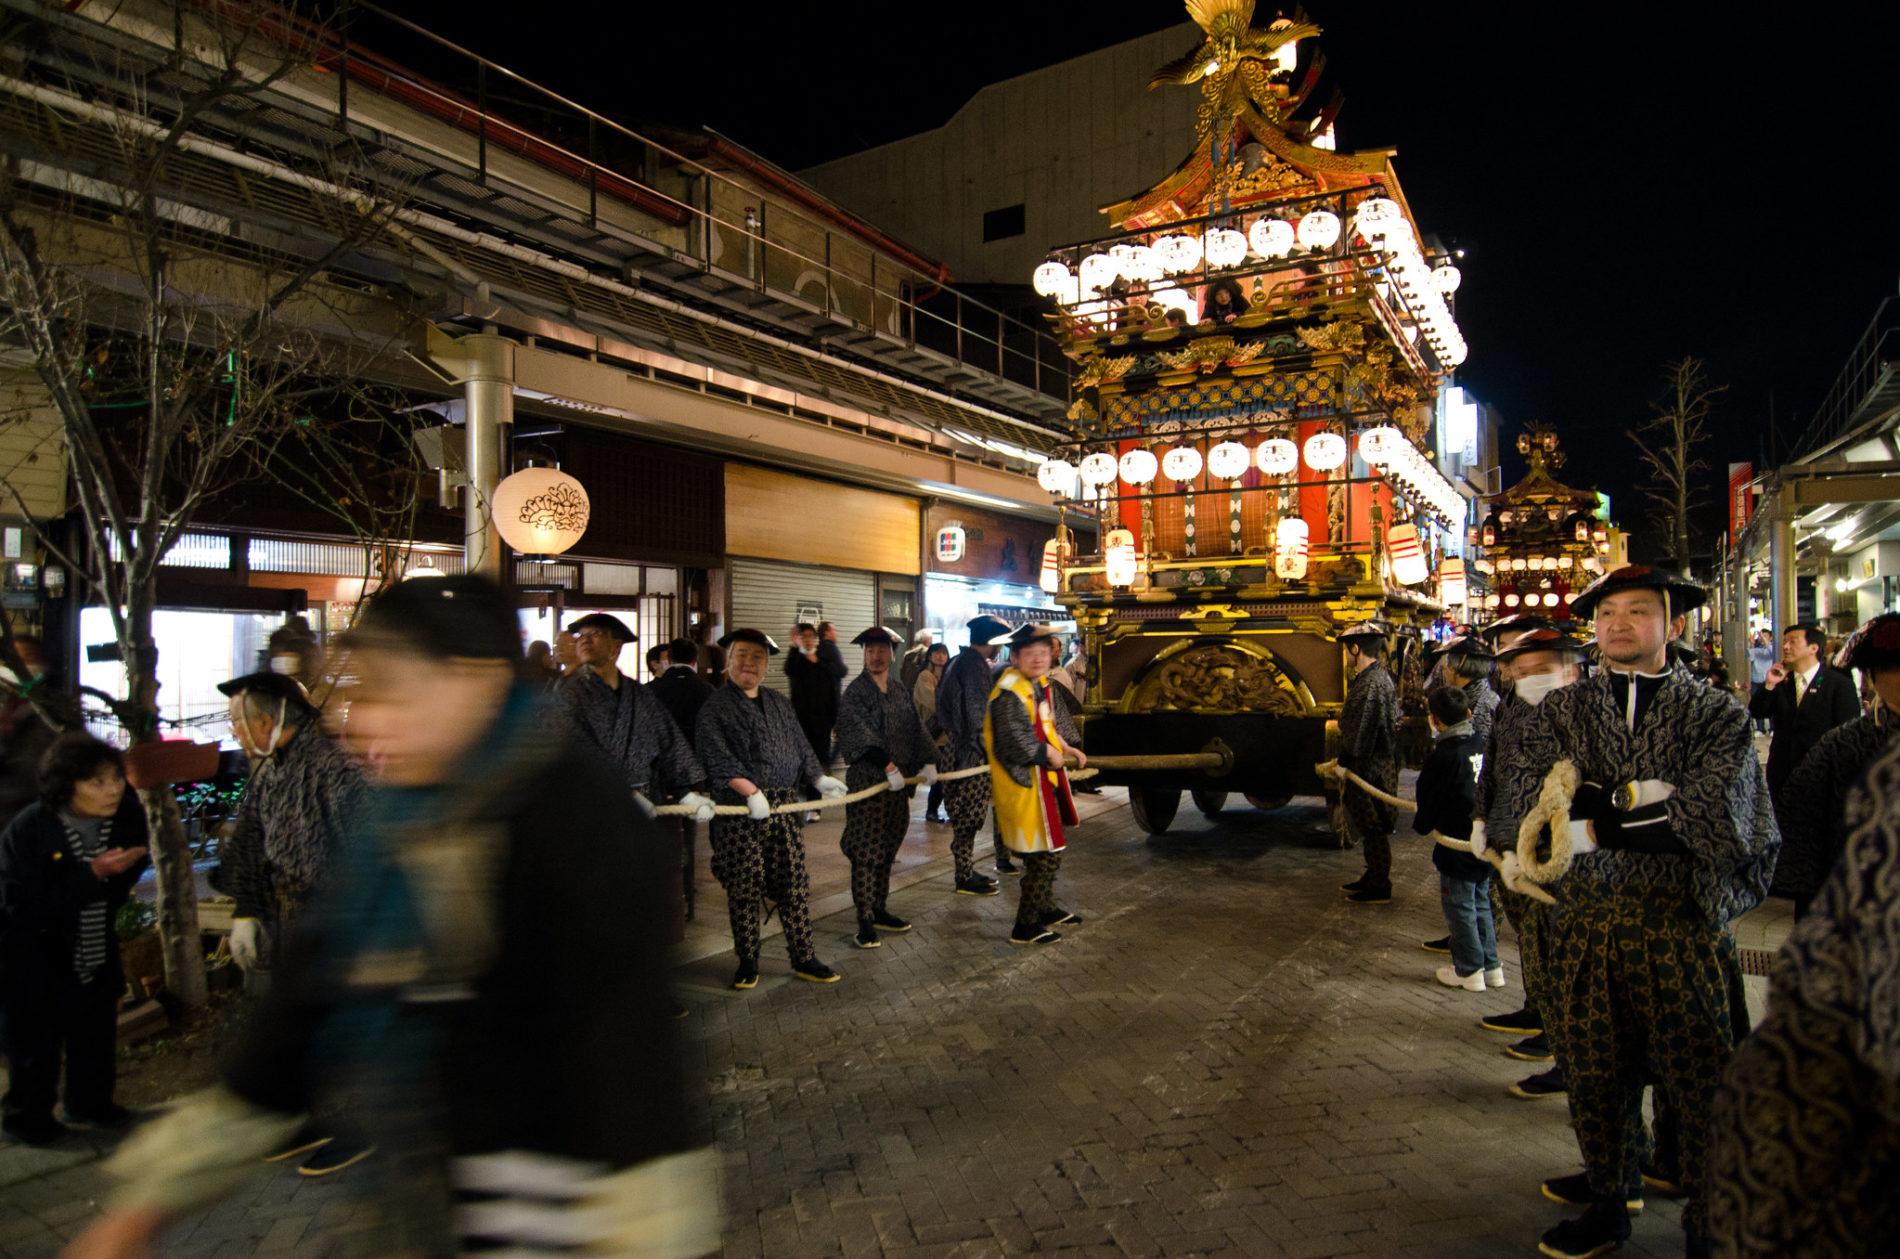 Das Highlight bei Takayama Frühlingsfest sind die prächtig geschmückten und mit Papierlaternen beleuchteten Festwagen. (Foto: Paul Robinson auf Flickr https://www.flickr.com/photos/paulrobinson/5763159335)